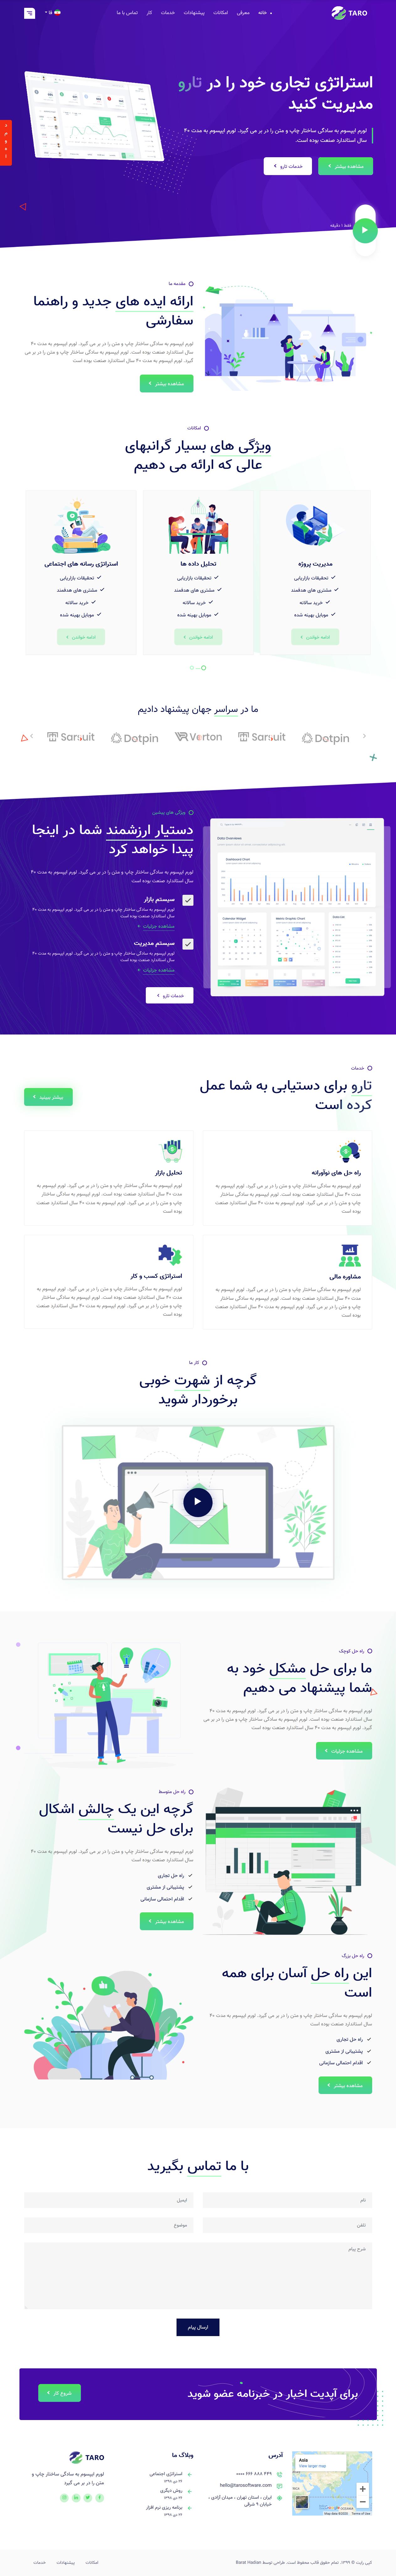 قالب HTML Taro، قالب HTML صفحه فرود شرکتی و هاستینگ